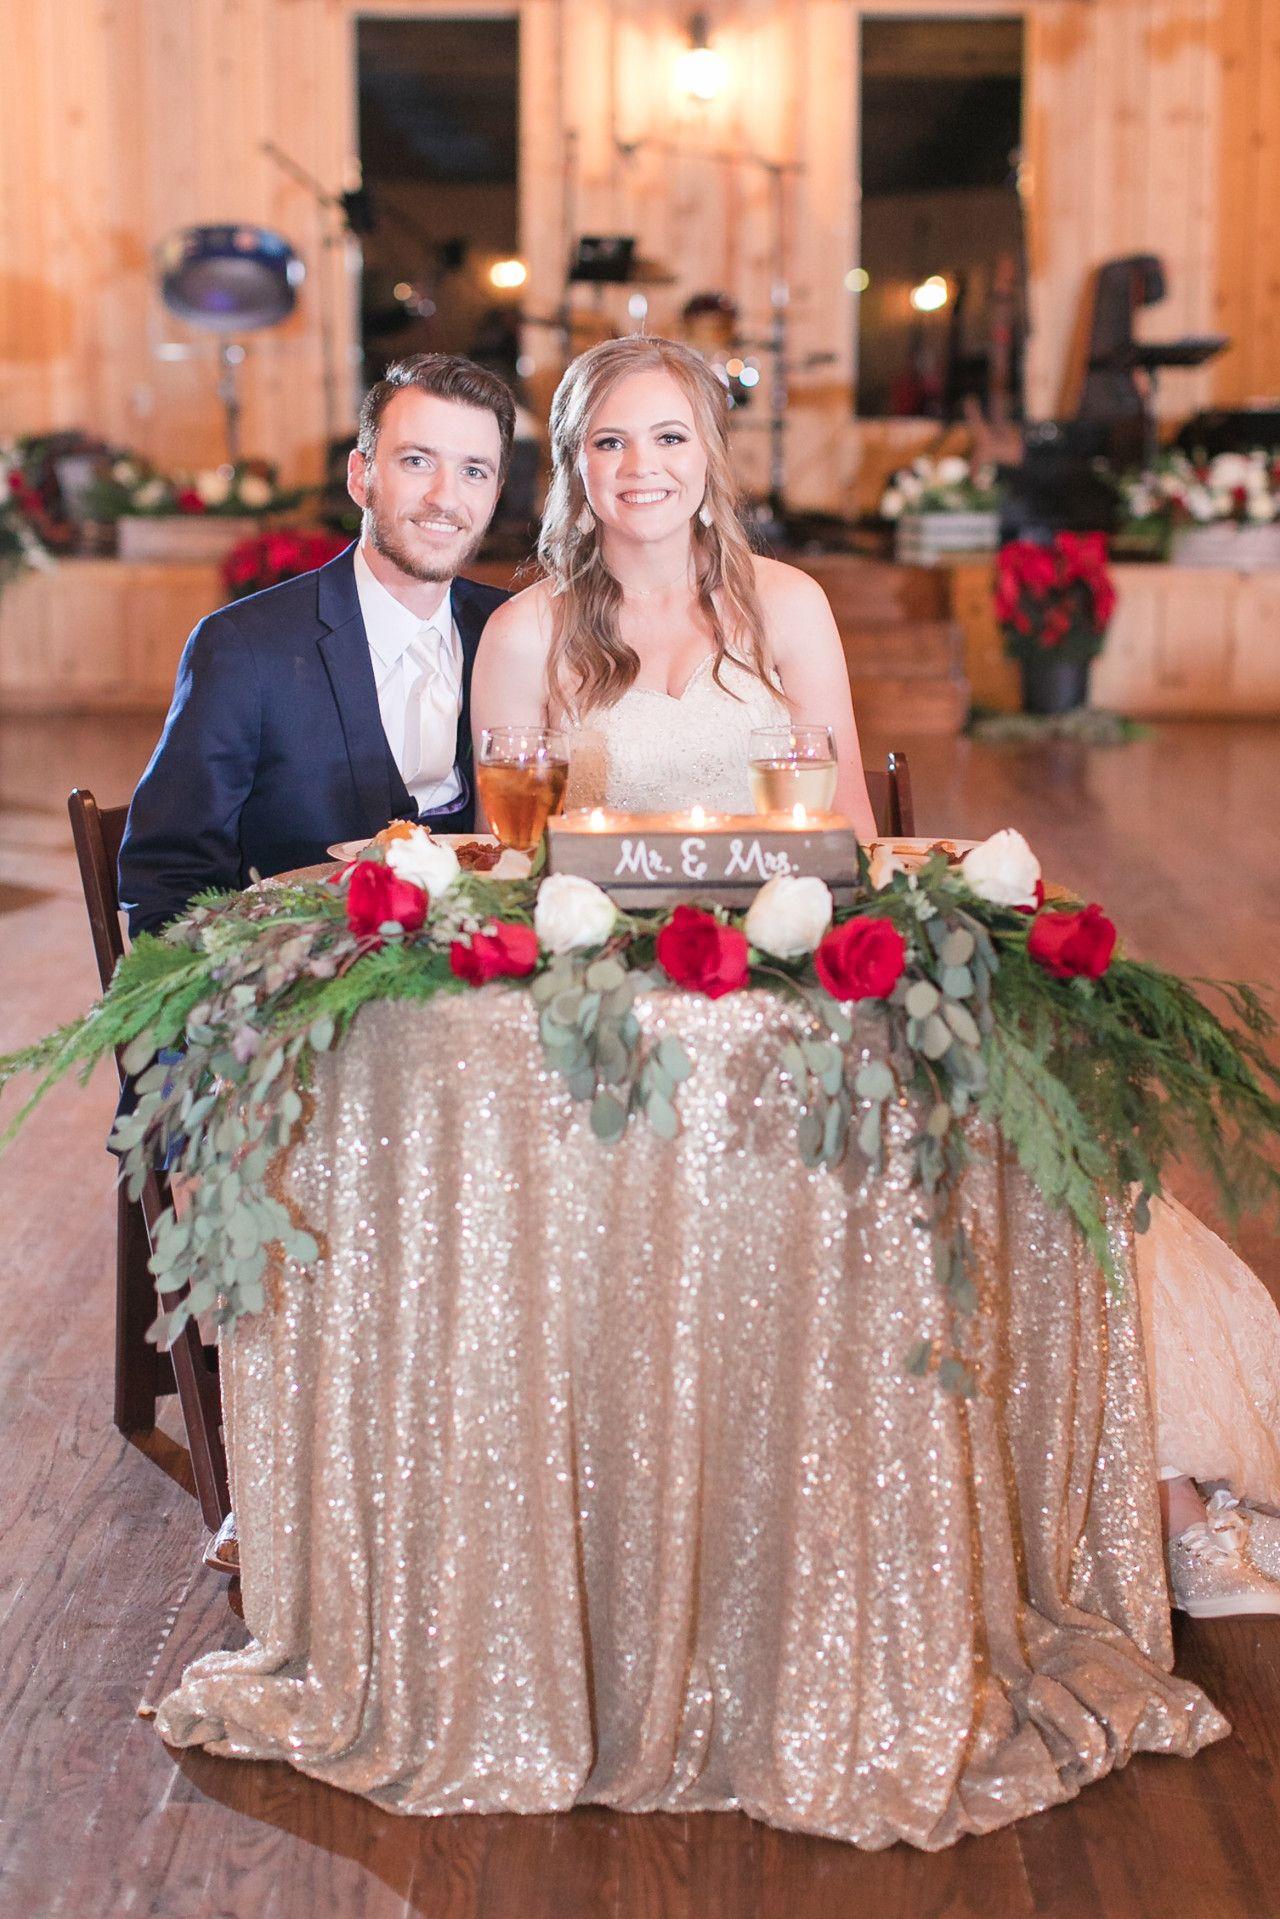 Tulsa Wedding Venue Springs Venue Sweetheart Table Wedding Wedding Venue Houston Tulsa Wedding Venues